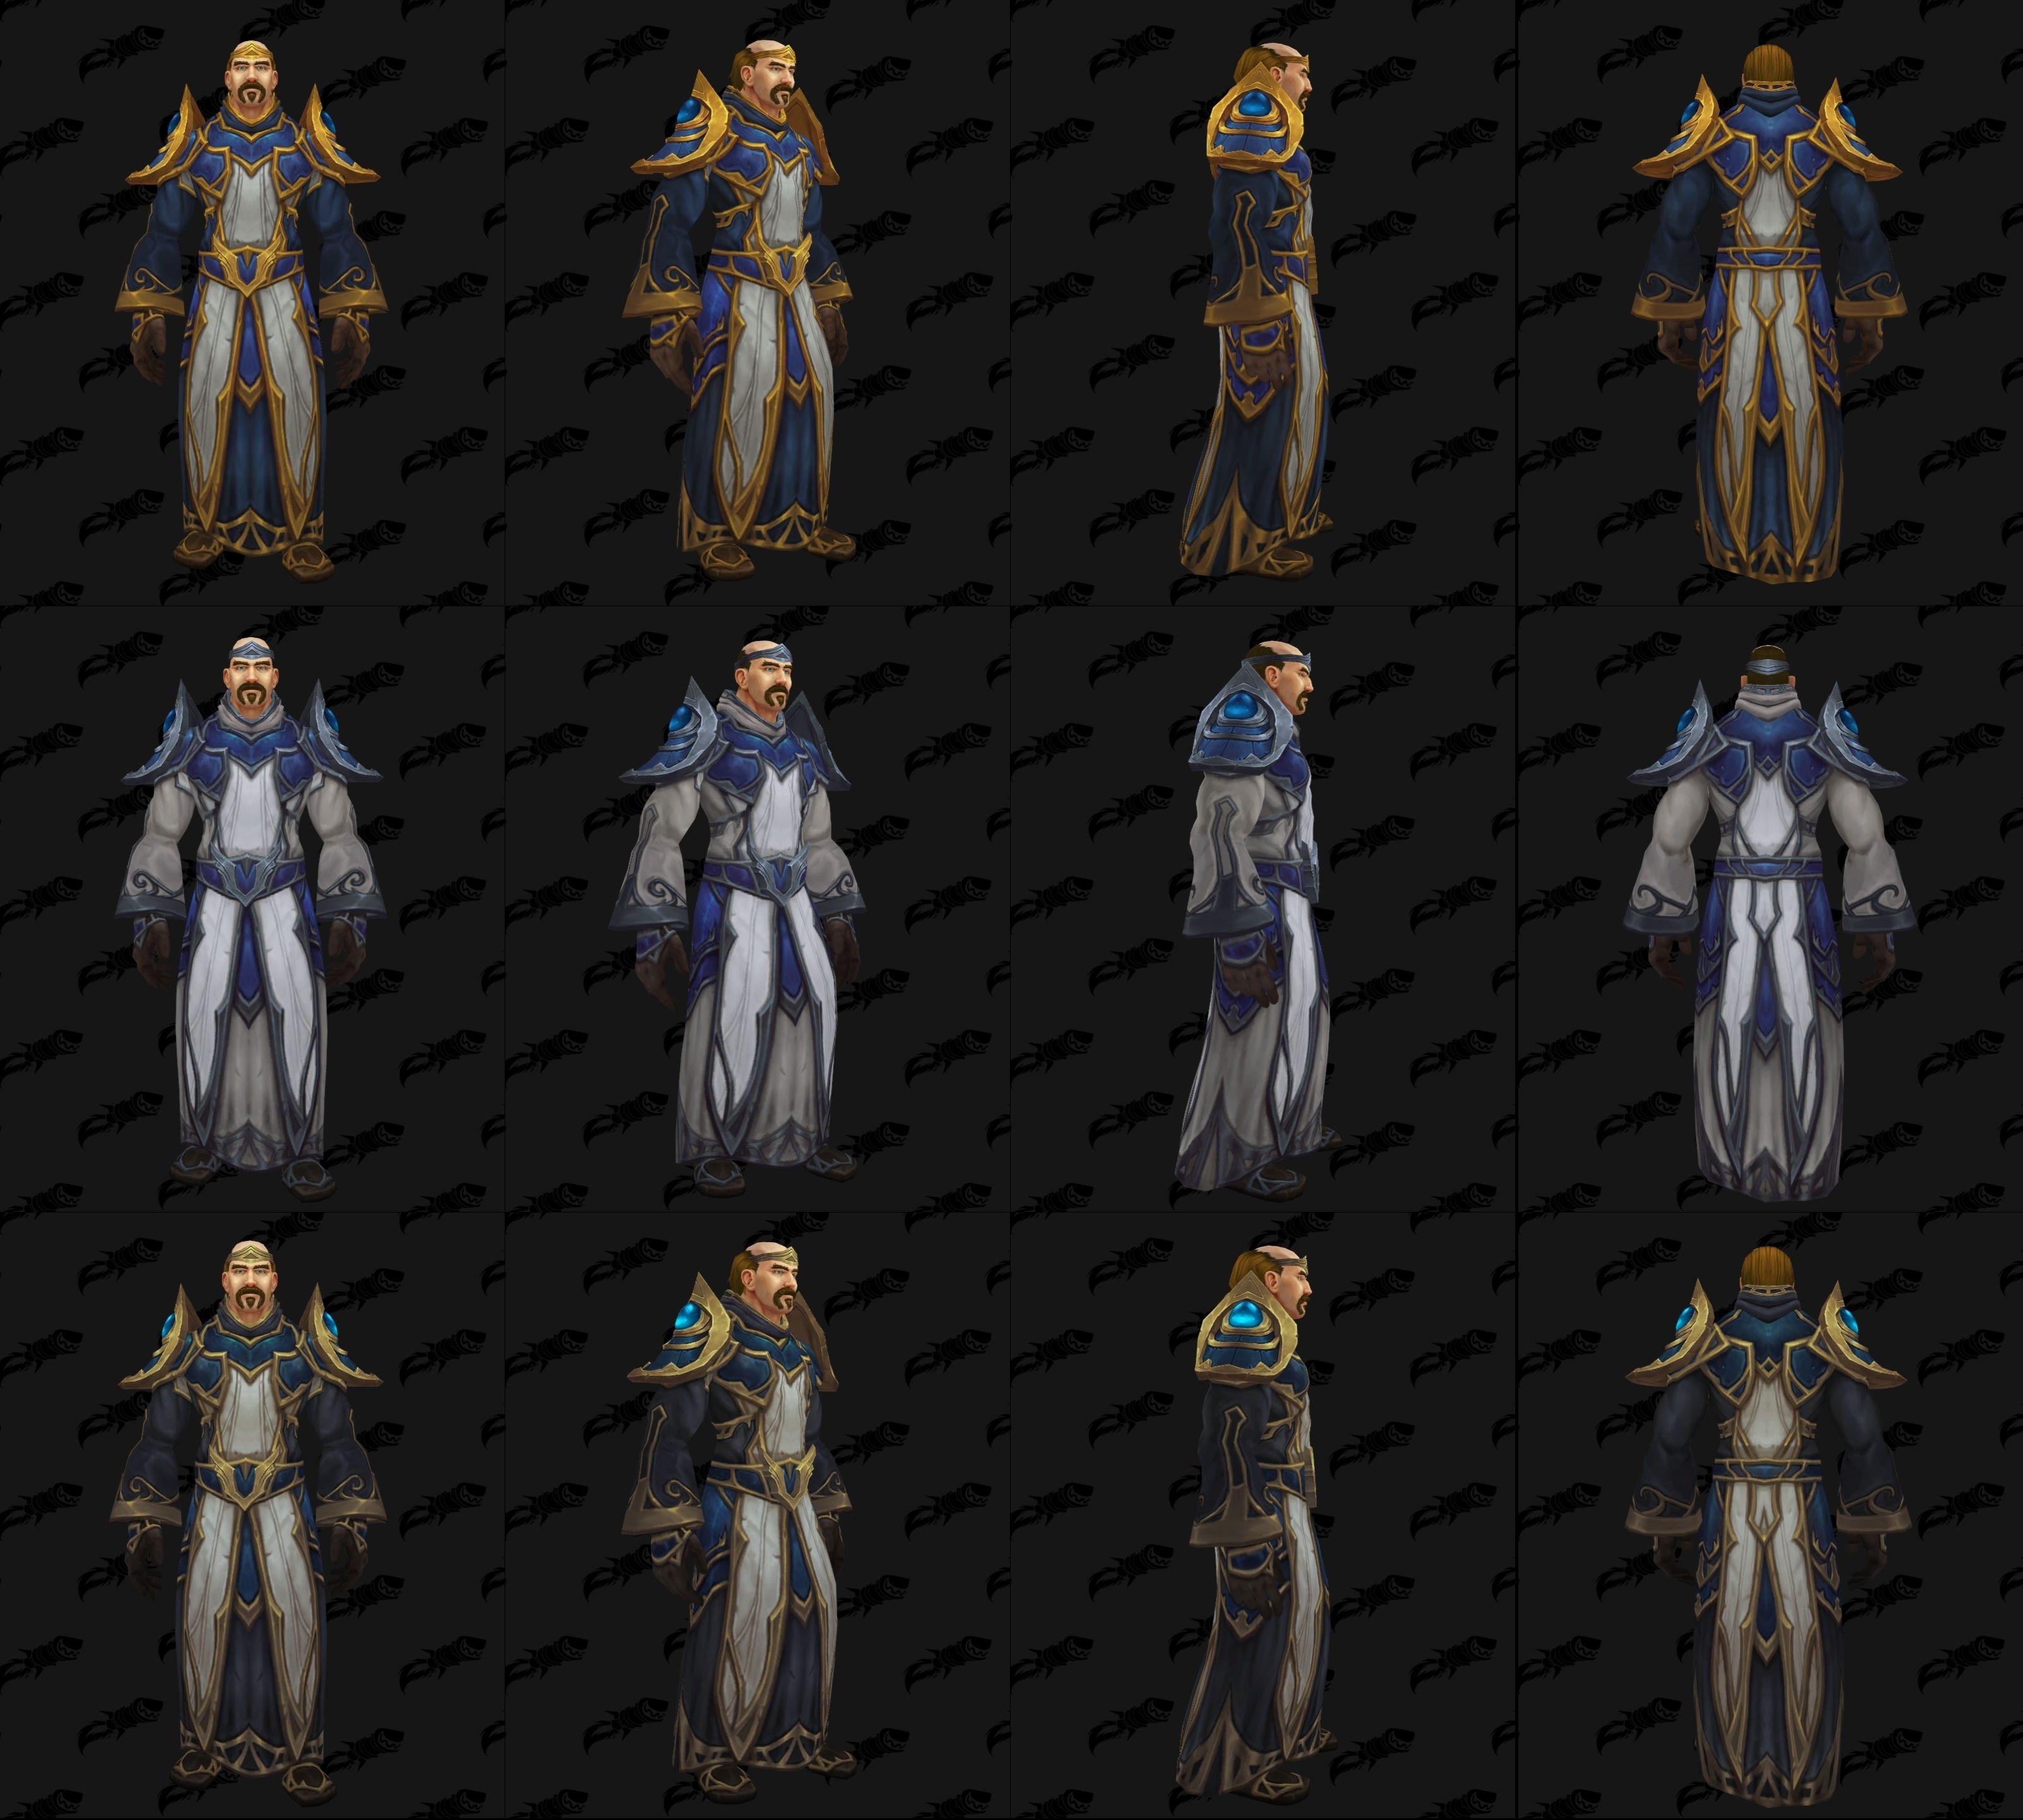 Battle for Azeroth Armor - Warfronts, Dark Iron, Zandalari